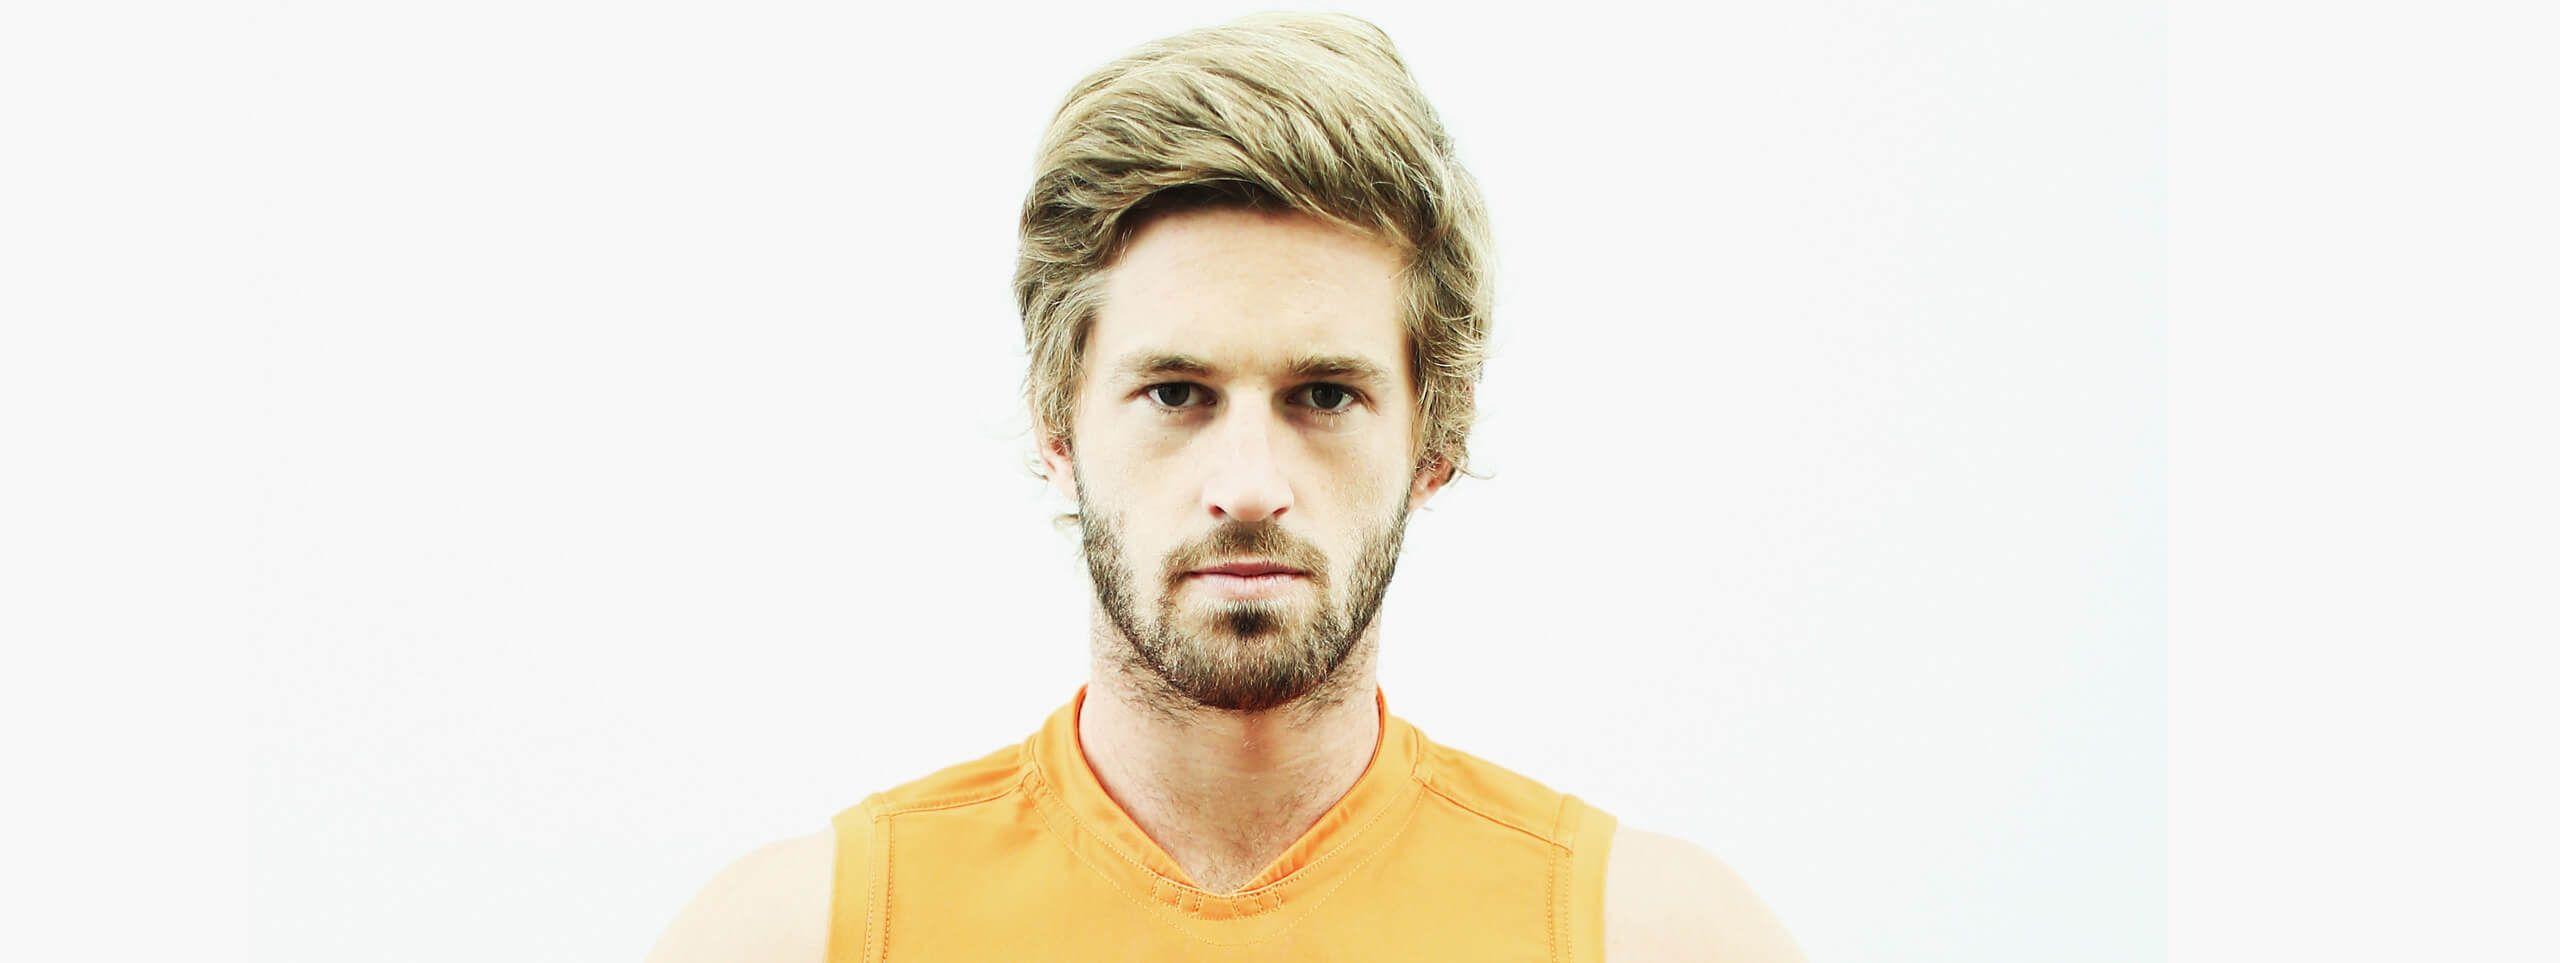 Joueur football australien blond cheveux courts